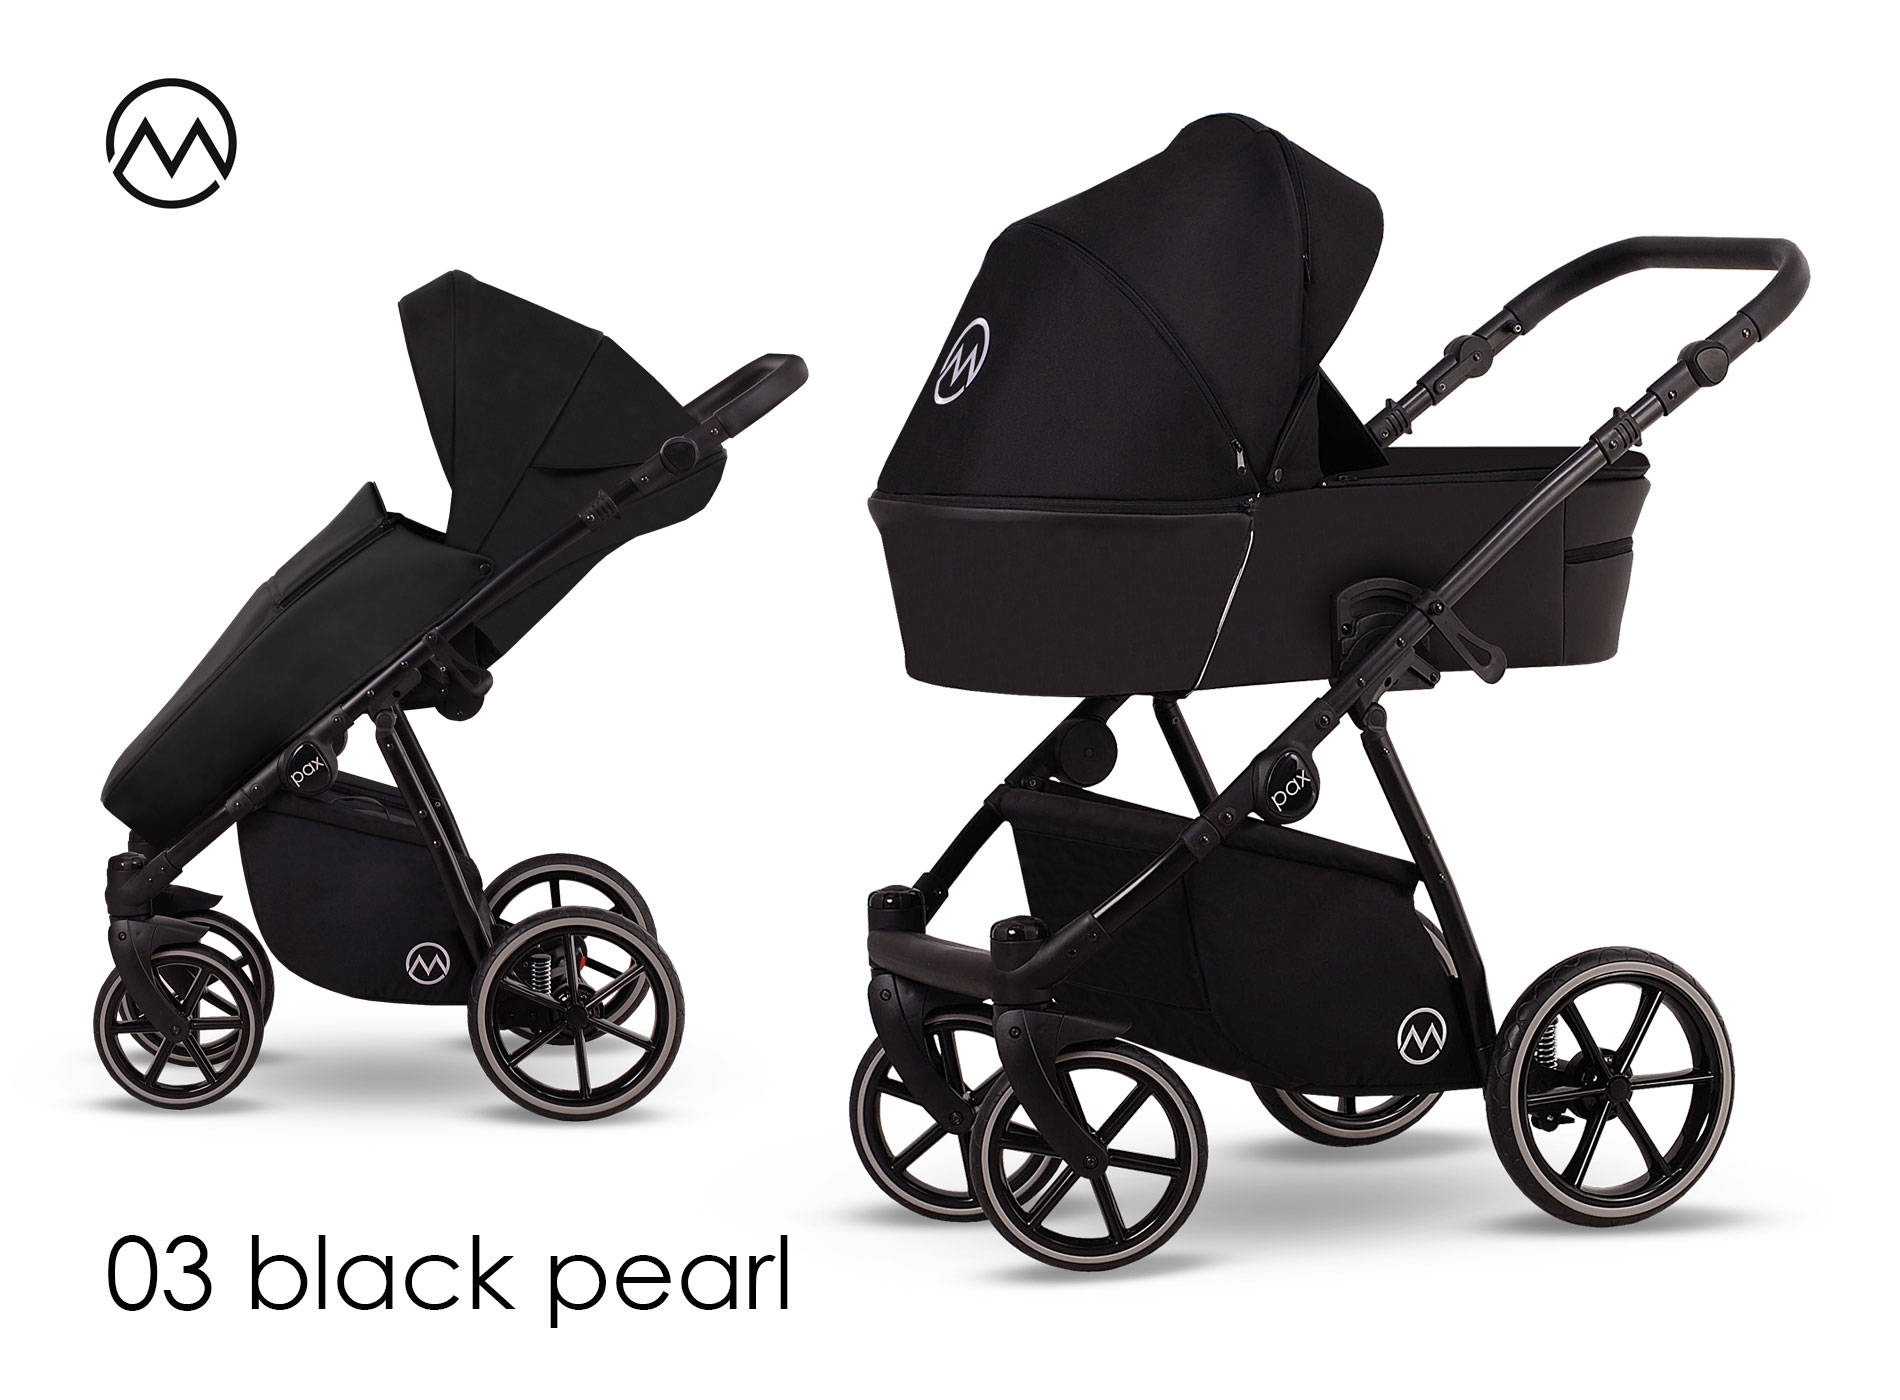 wielofunkcyjny dziecięcy wózek Lonex Pax czarny